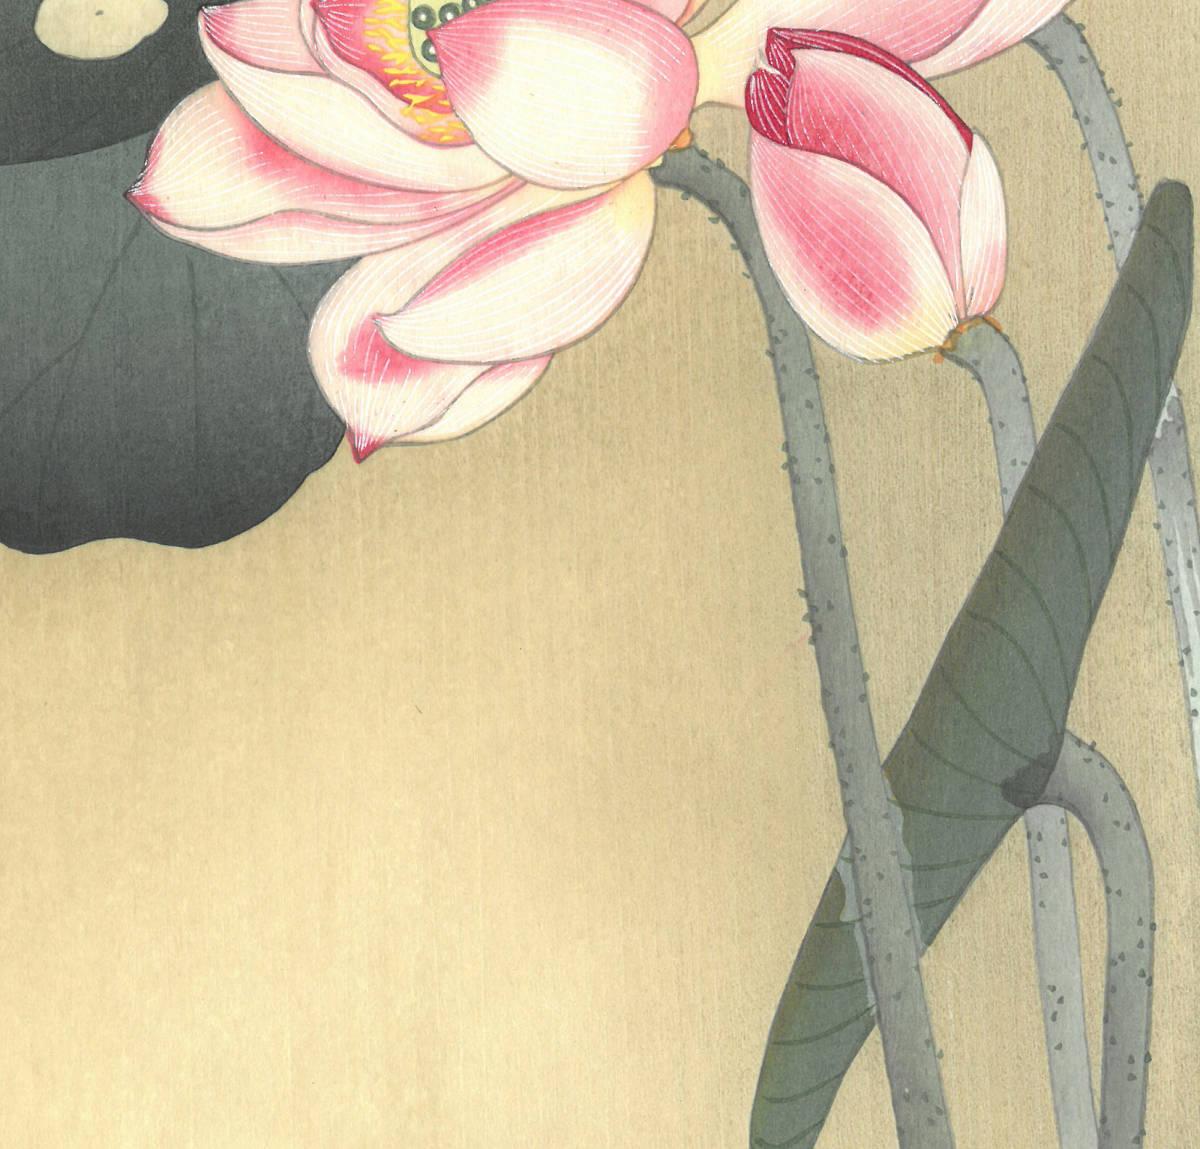 小原古邨 (Ohara Koson) (1877~1945) 木版画 蓮に雀 (Lotus and sparrow) 最高峰の摺師が50回以上の摺りの工程で仕上げた奇跡の一品!!_画像9